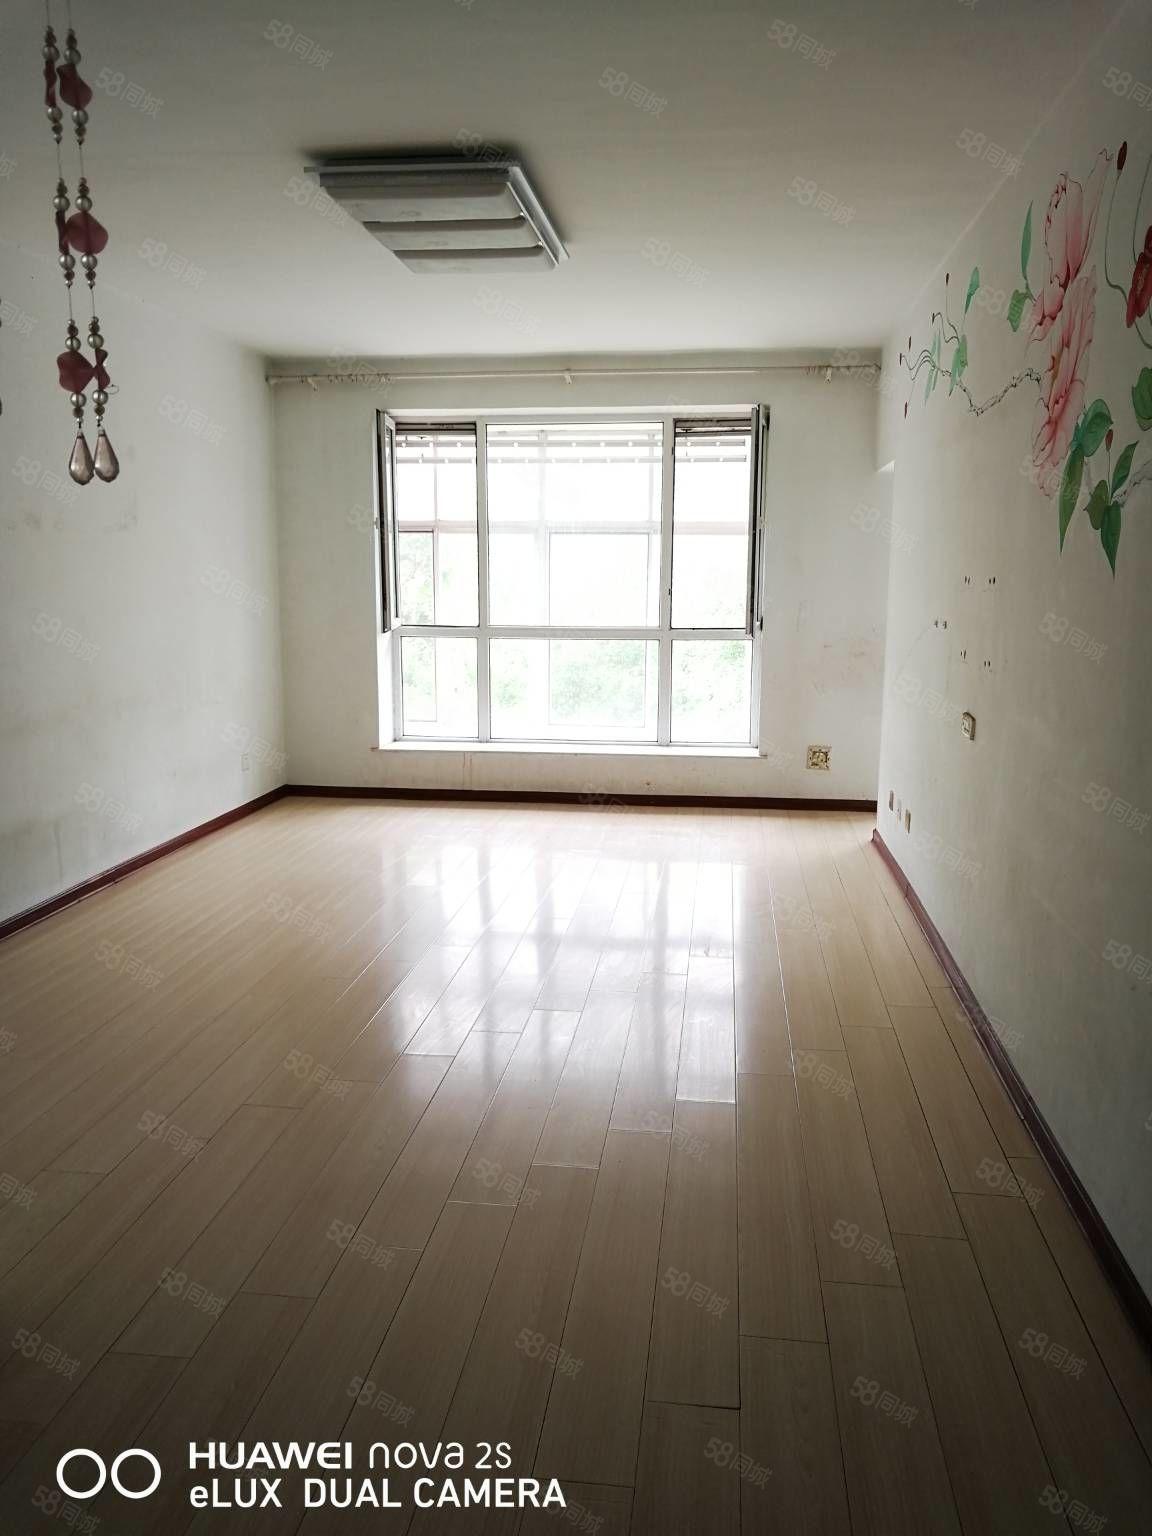 毓水蓬莱二楼126平四室两厅两卫地下室车库一起出售69.8万